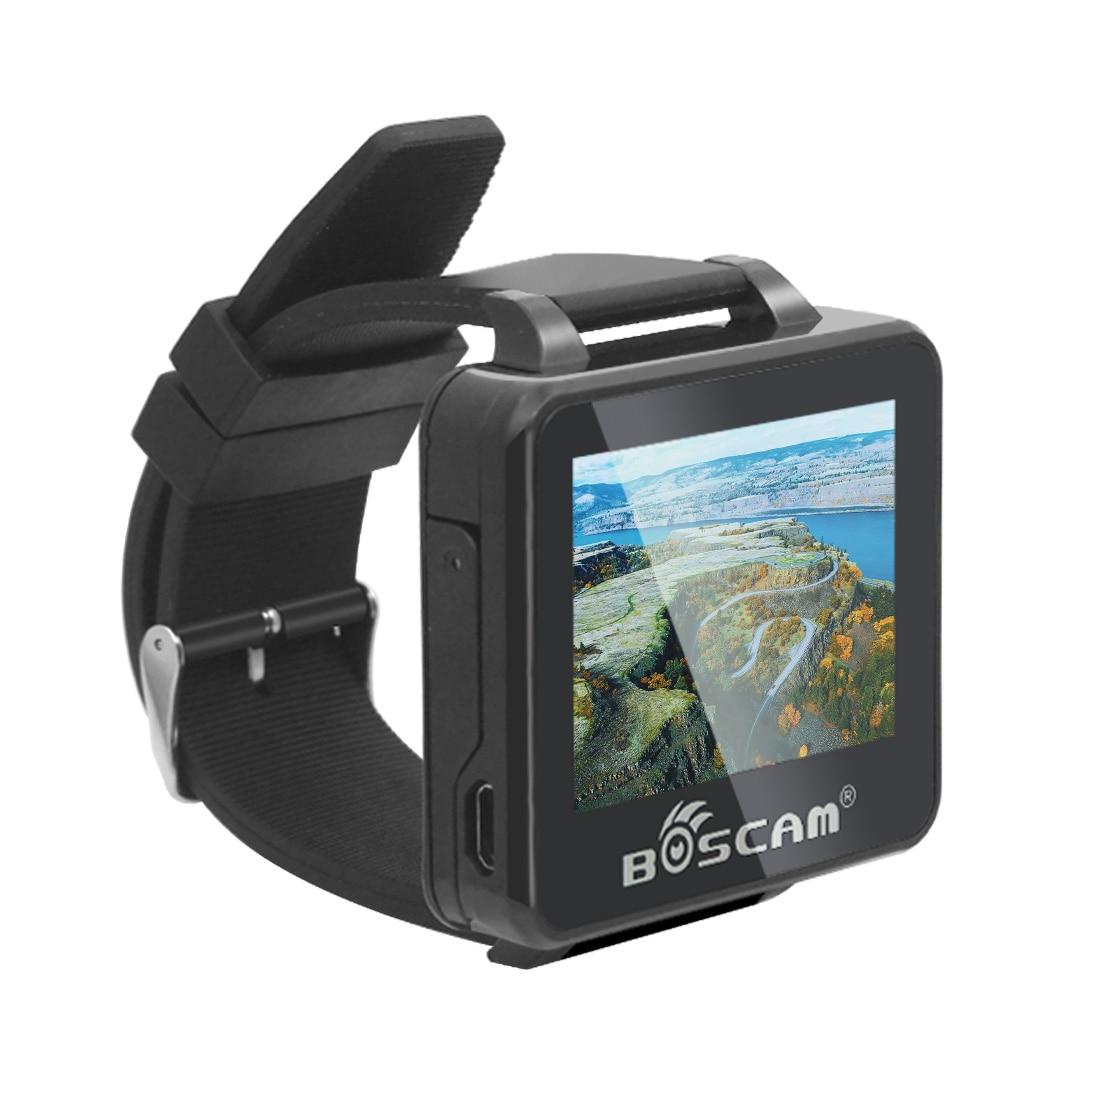 BOSCAM BOS200RC FPV системы часы 200RC 5,8 ГГц 32CH HD 240*960 2 TFT мониторы беспроводной приемник для DIY RC камера Heli Quadcopter F18526